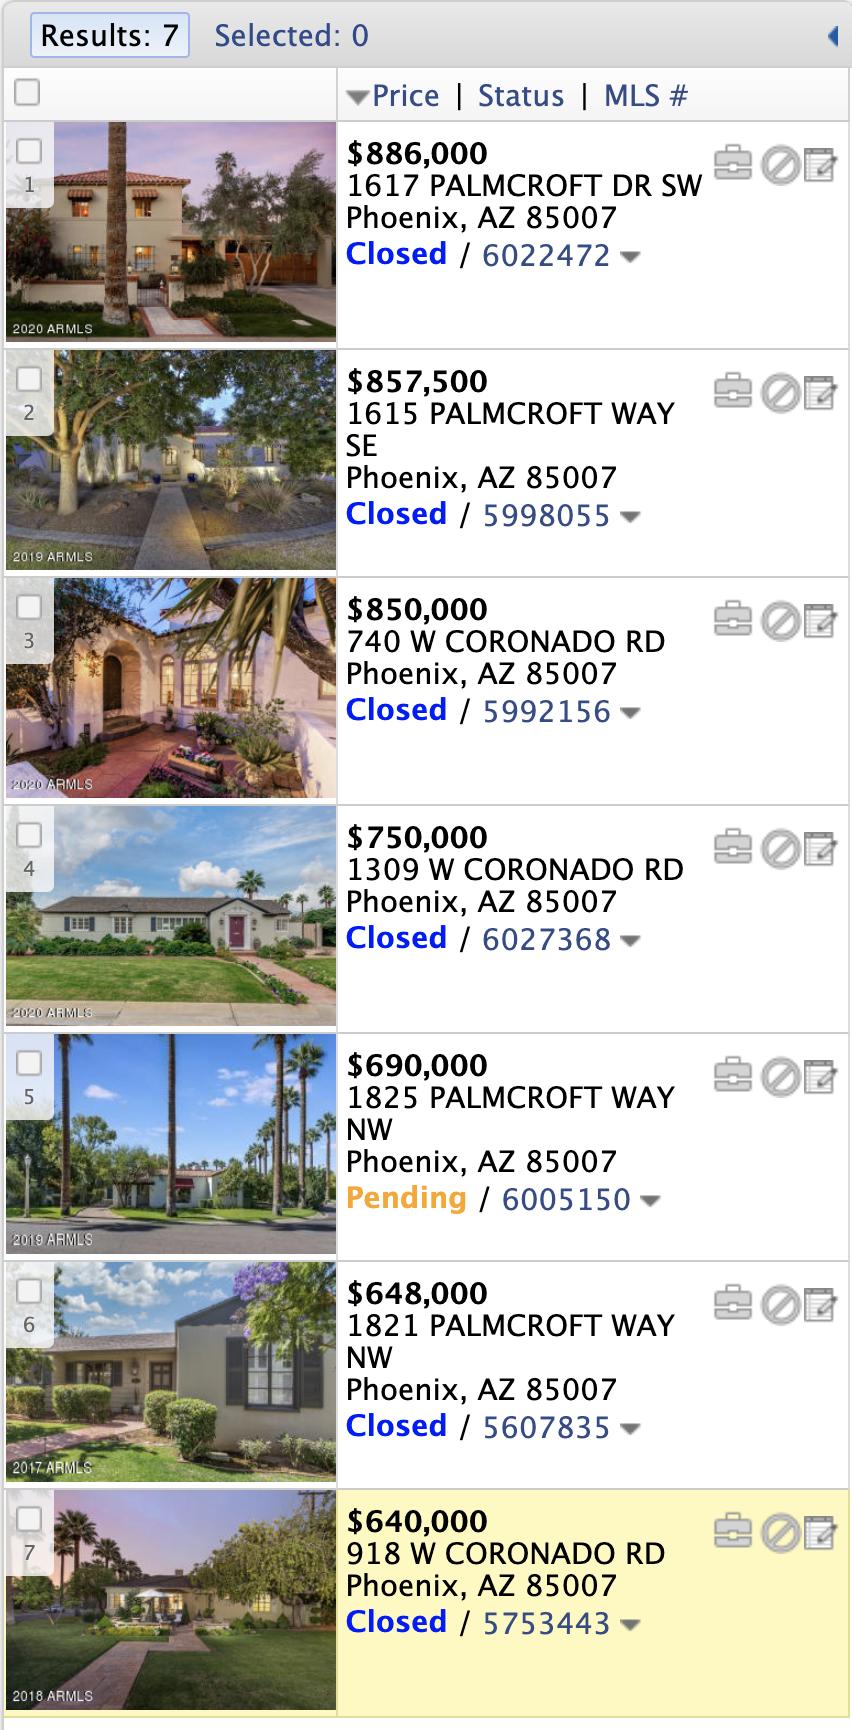 1817 Palmcroft Way NE Phoenix, AZ 85007 comps list